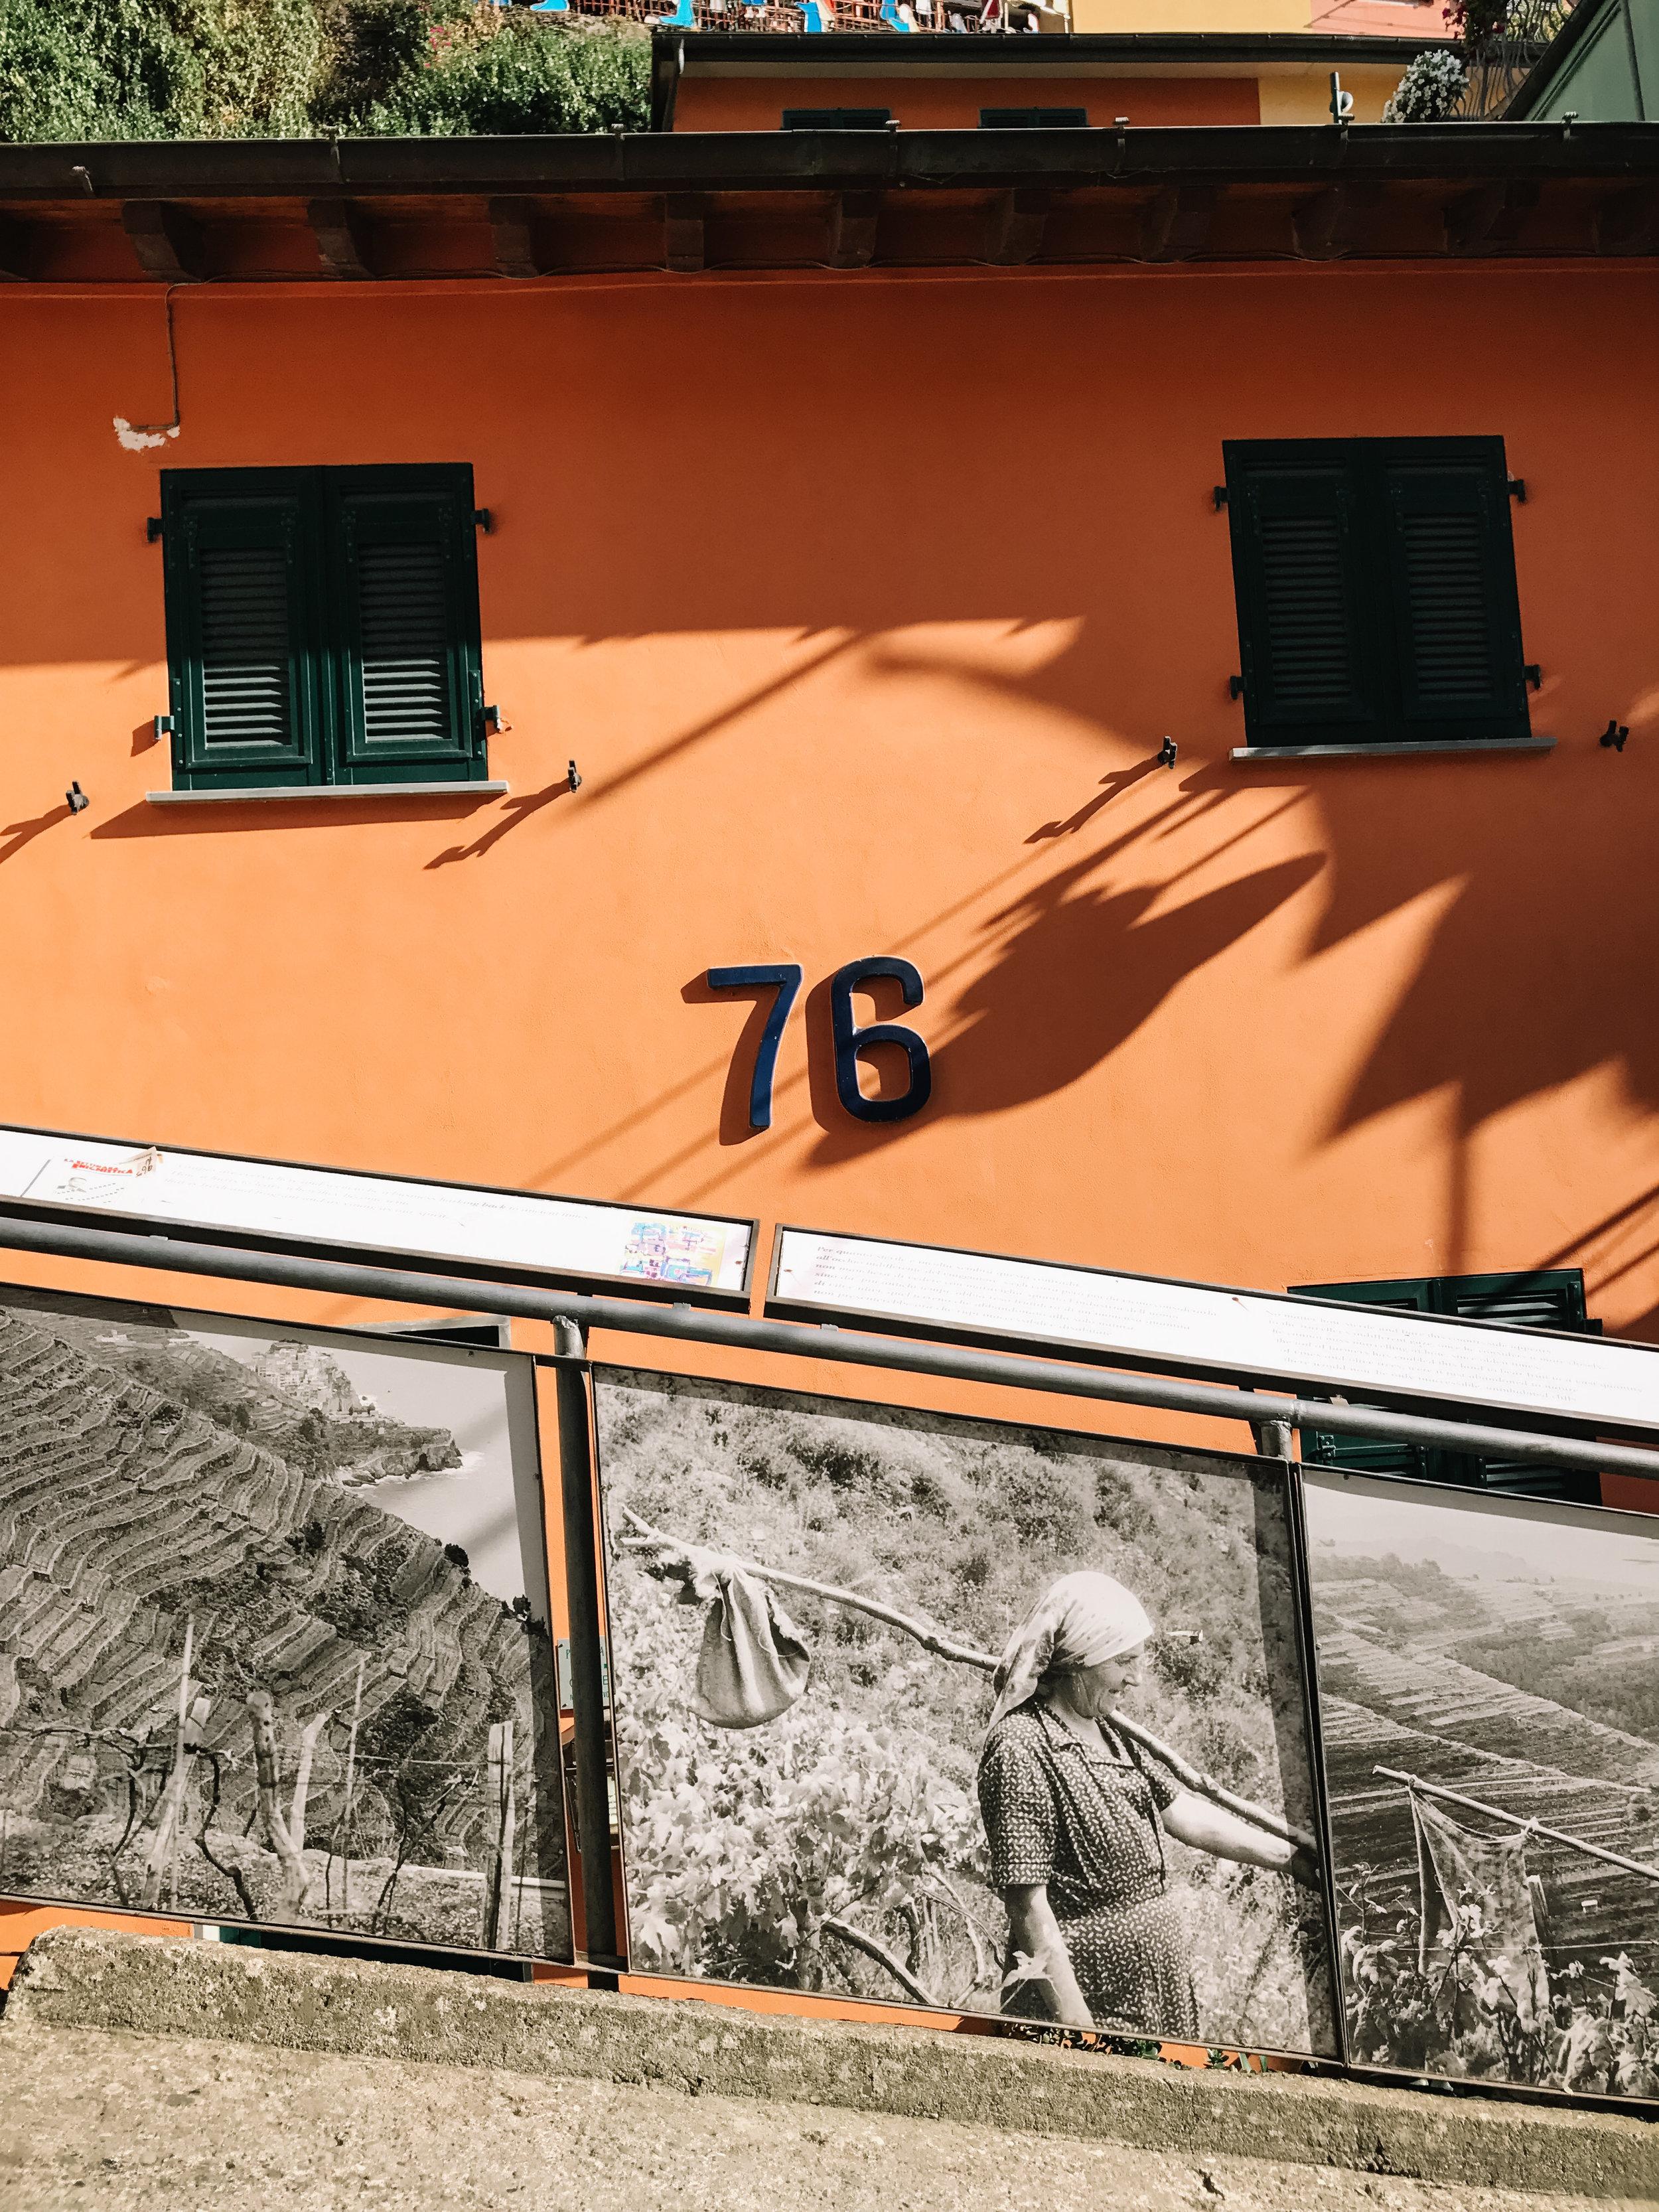 Italy-Cinque Terre-6.jpg